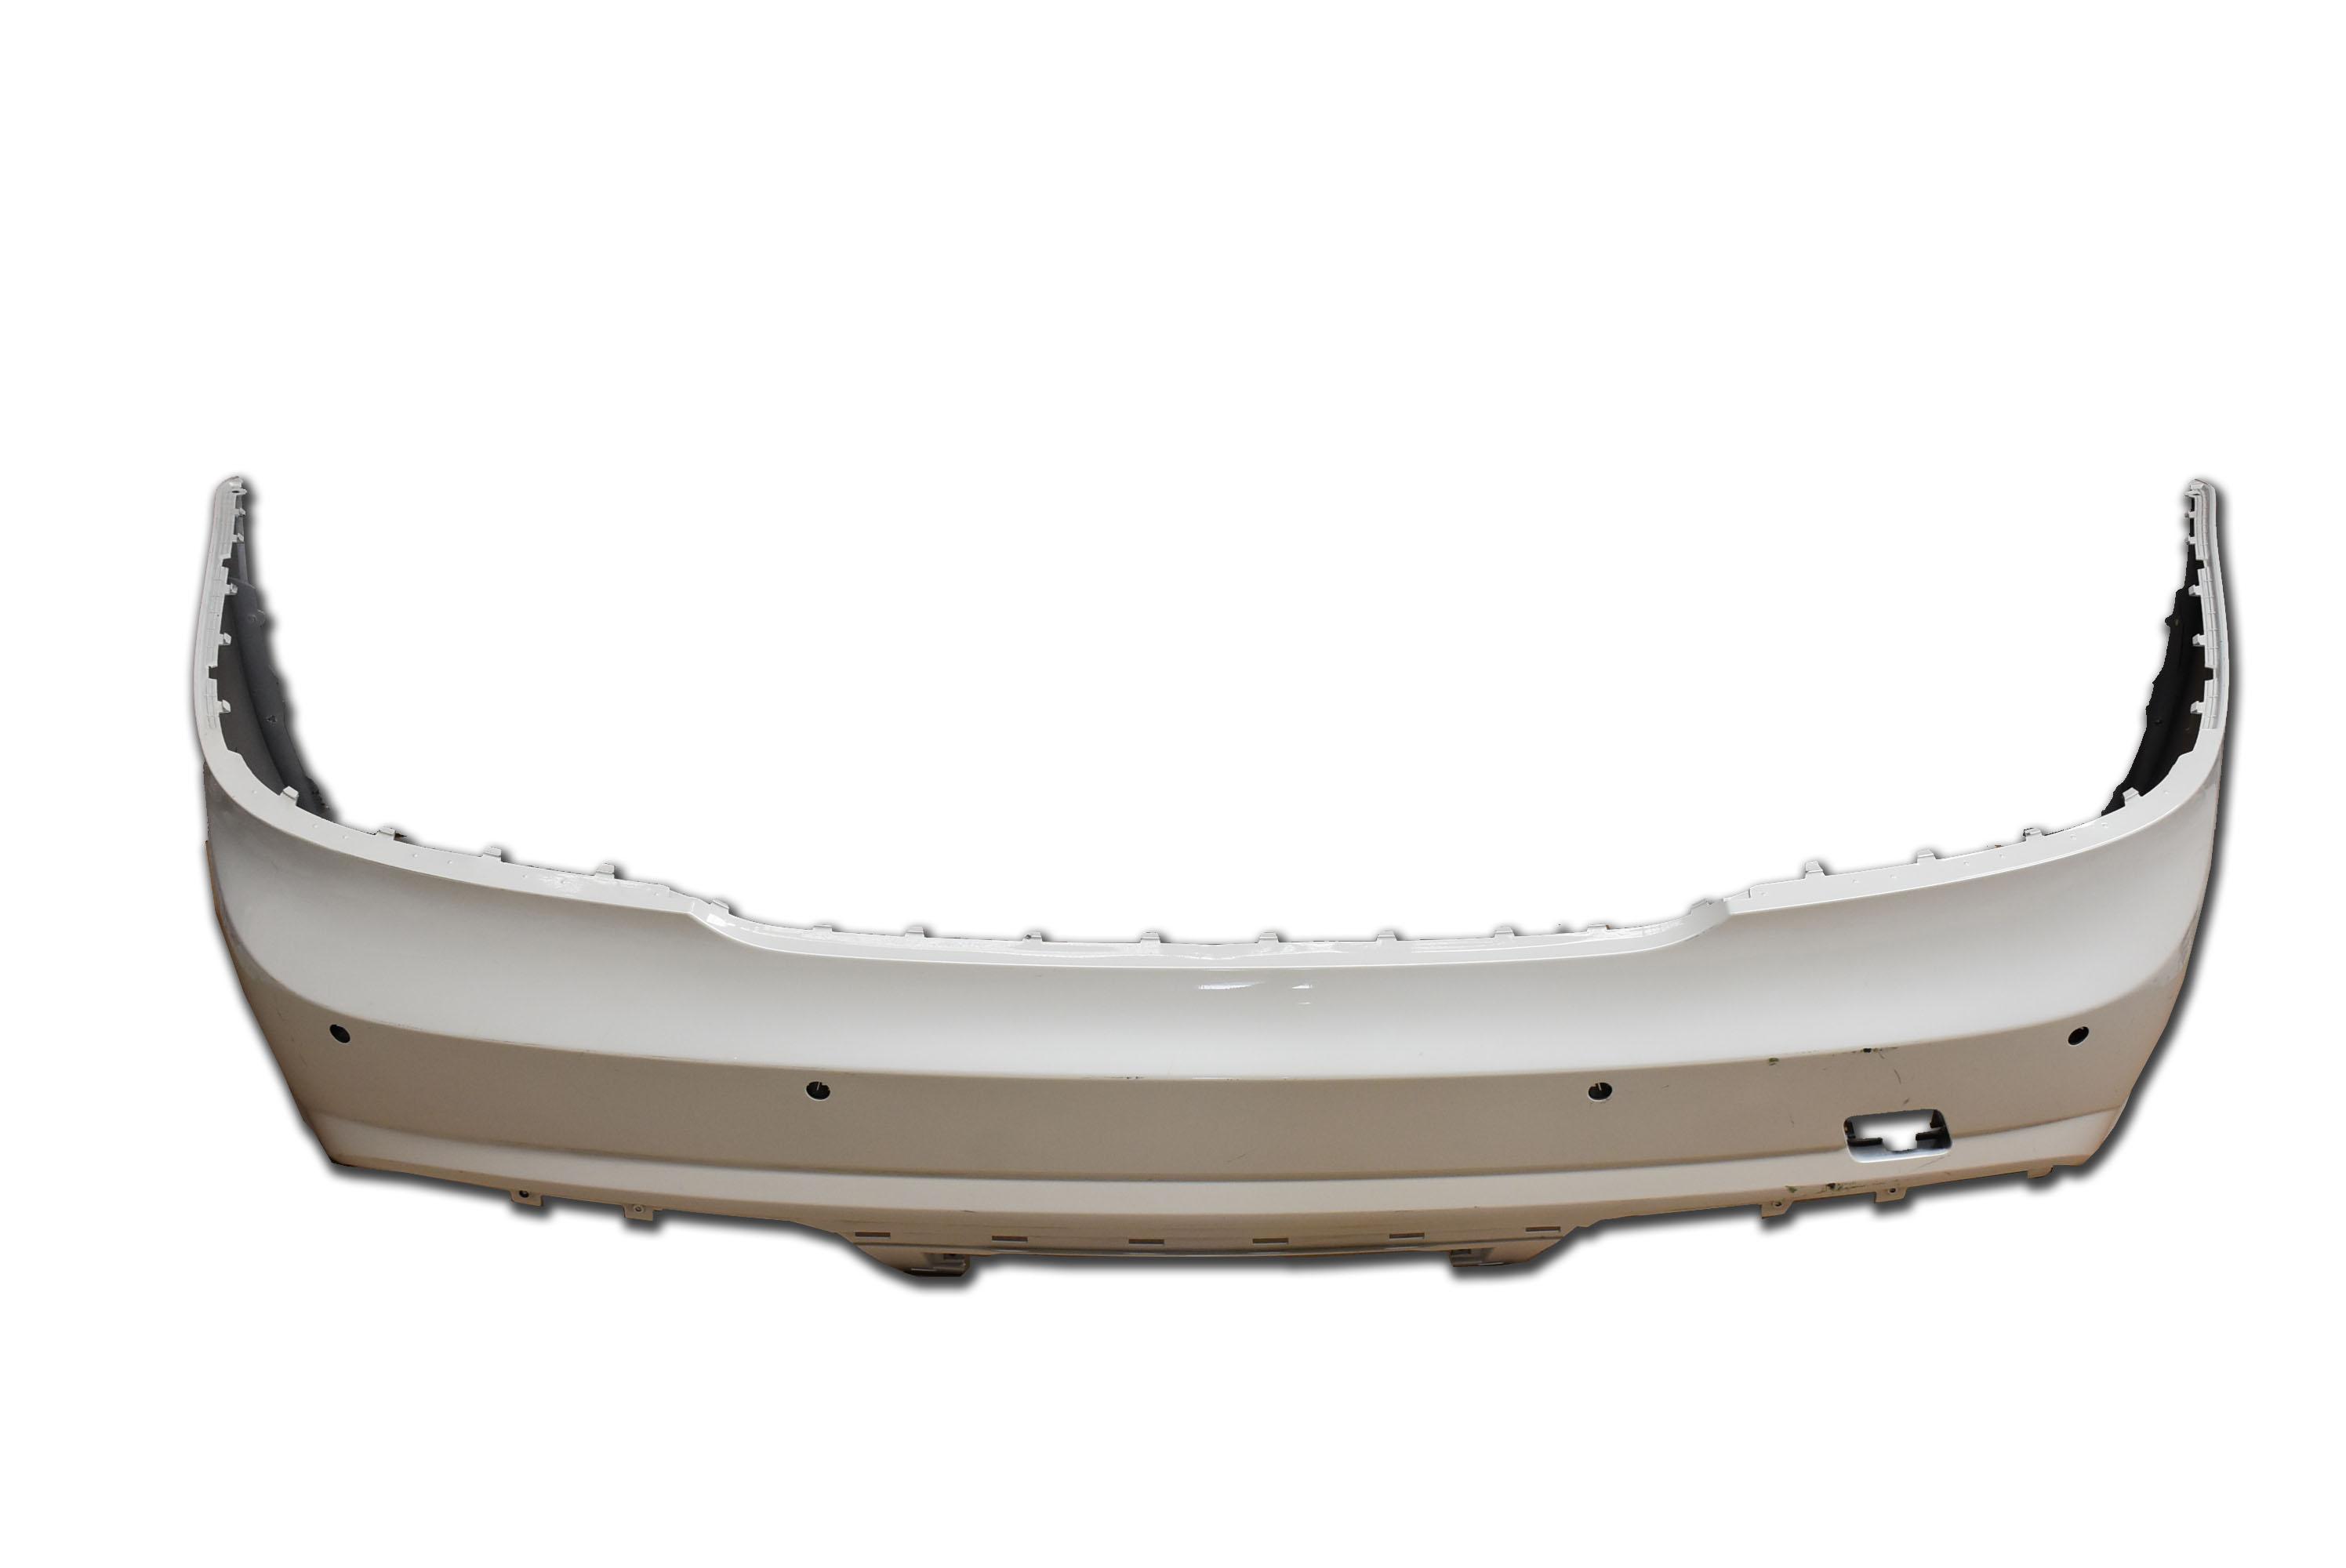 A2128858325 9197 rear bumper